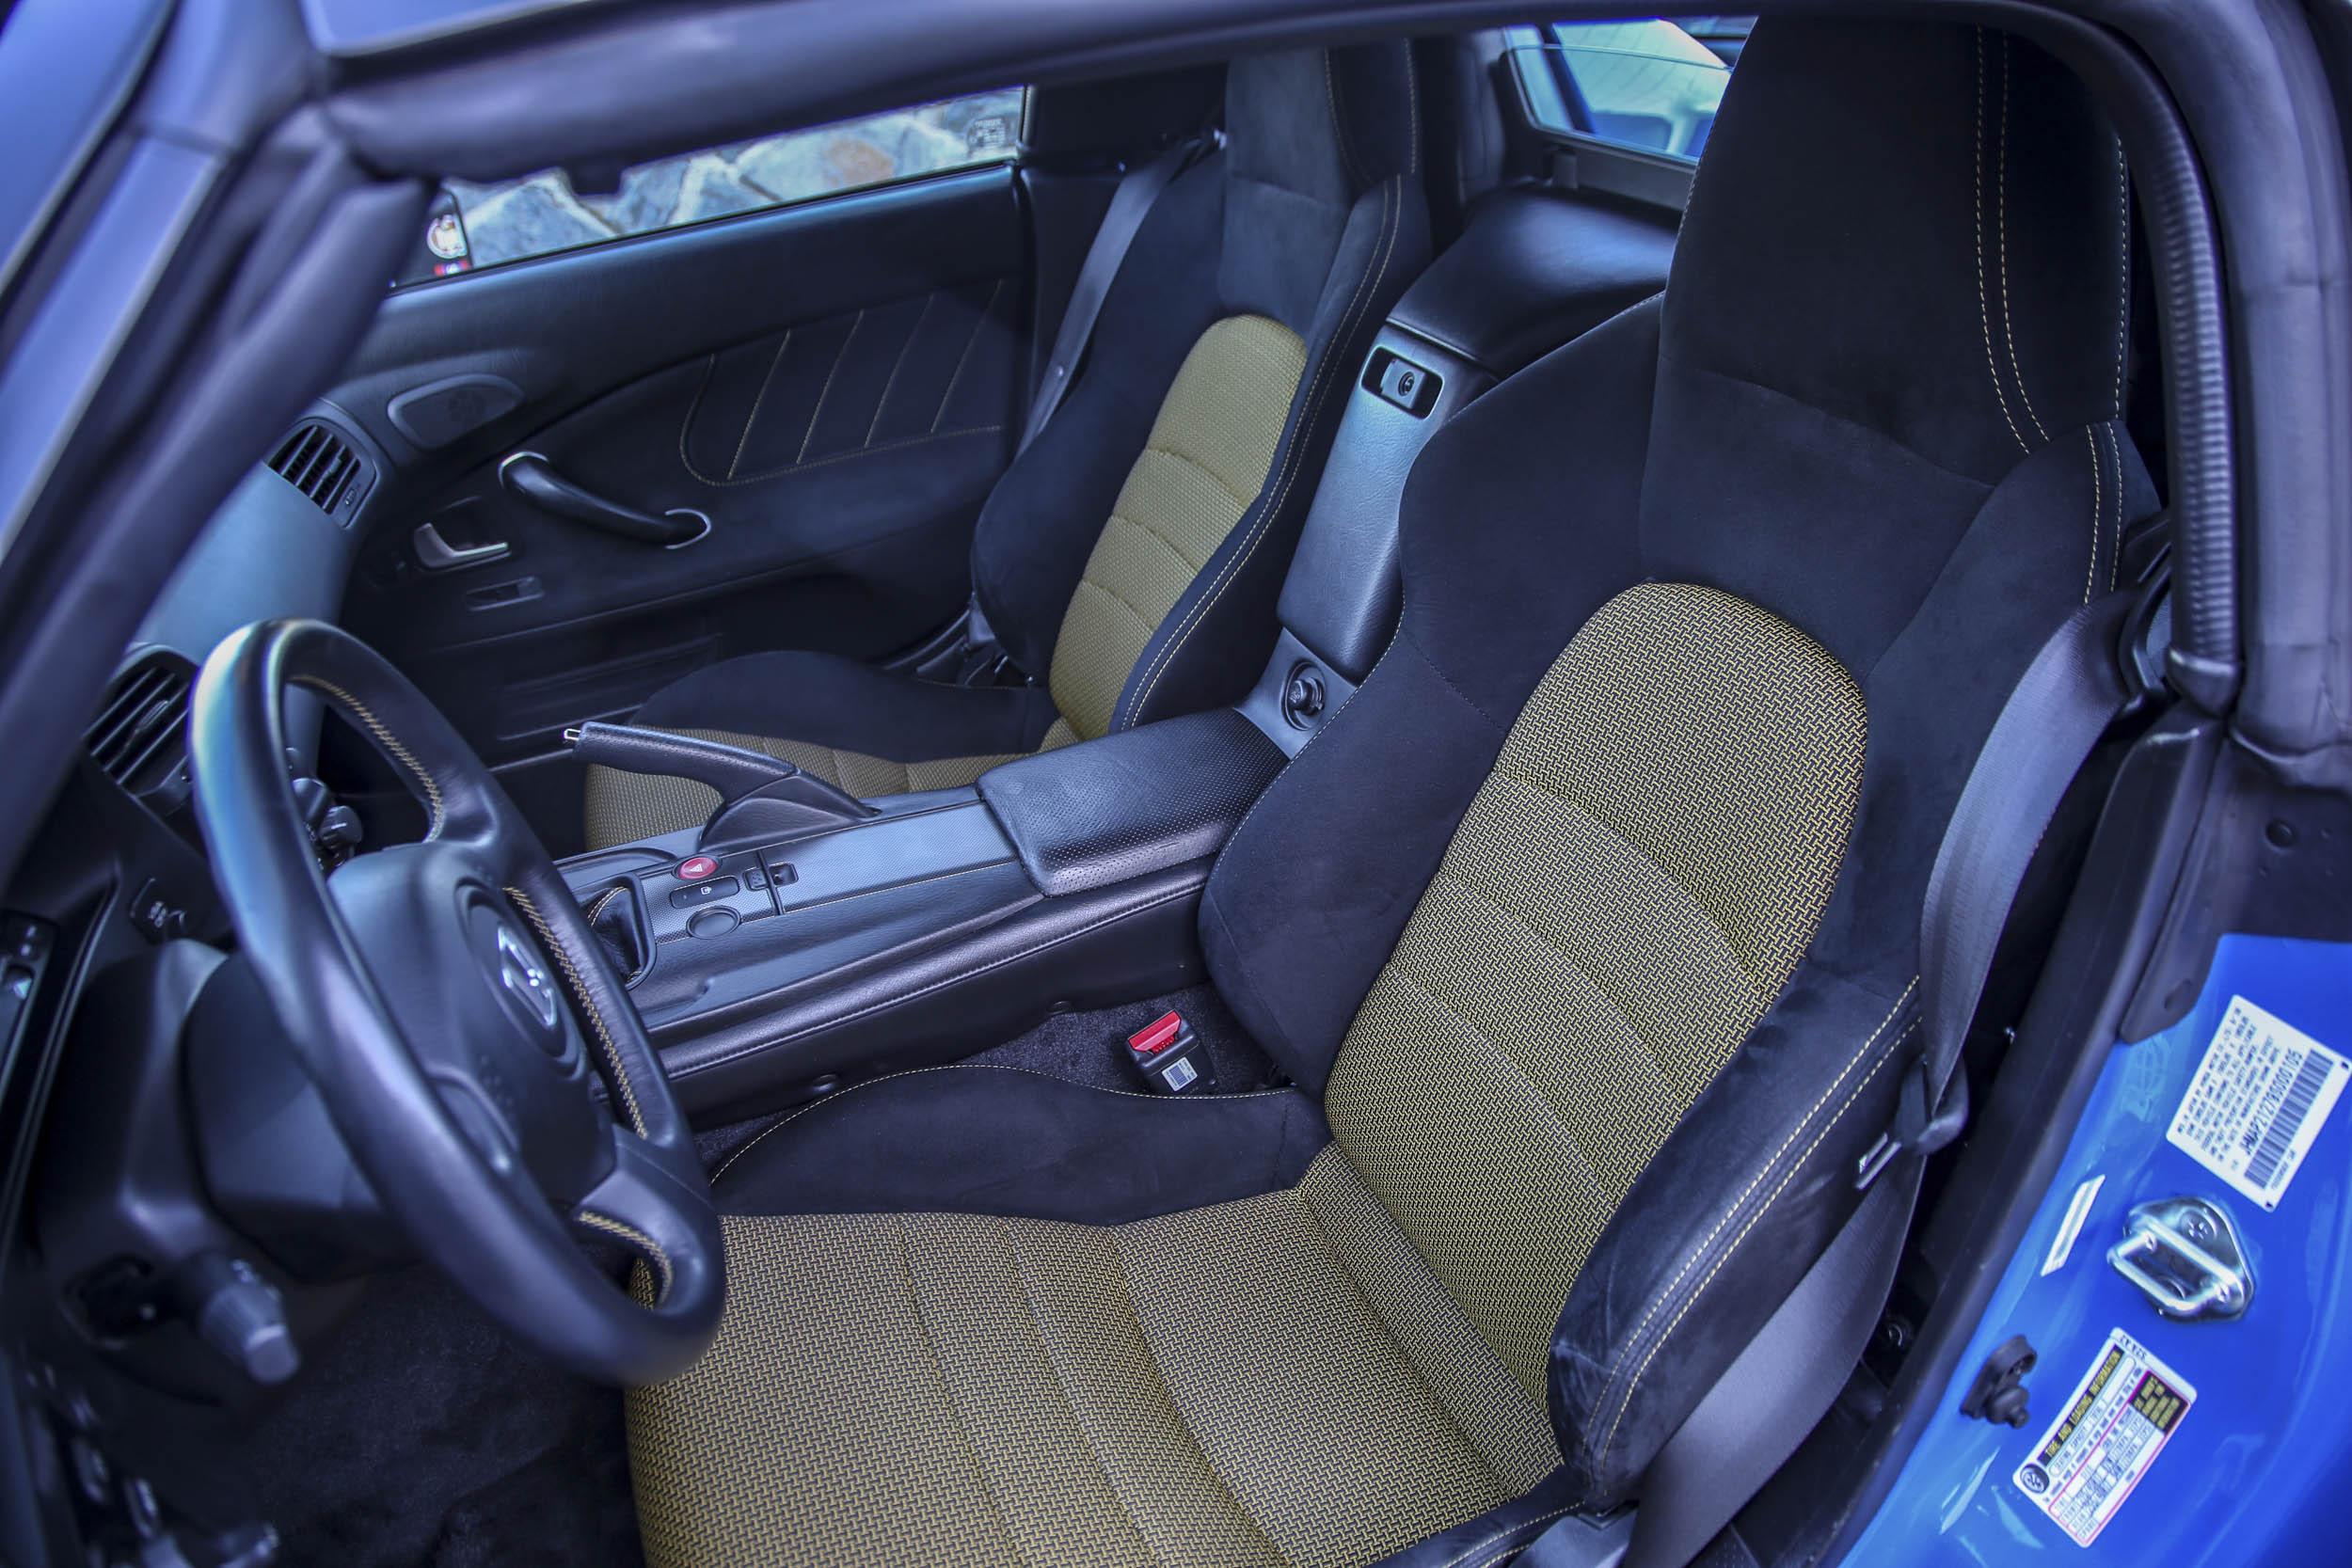 Honda S2000 seats